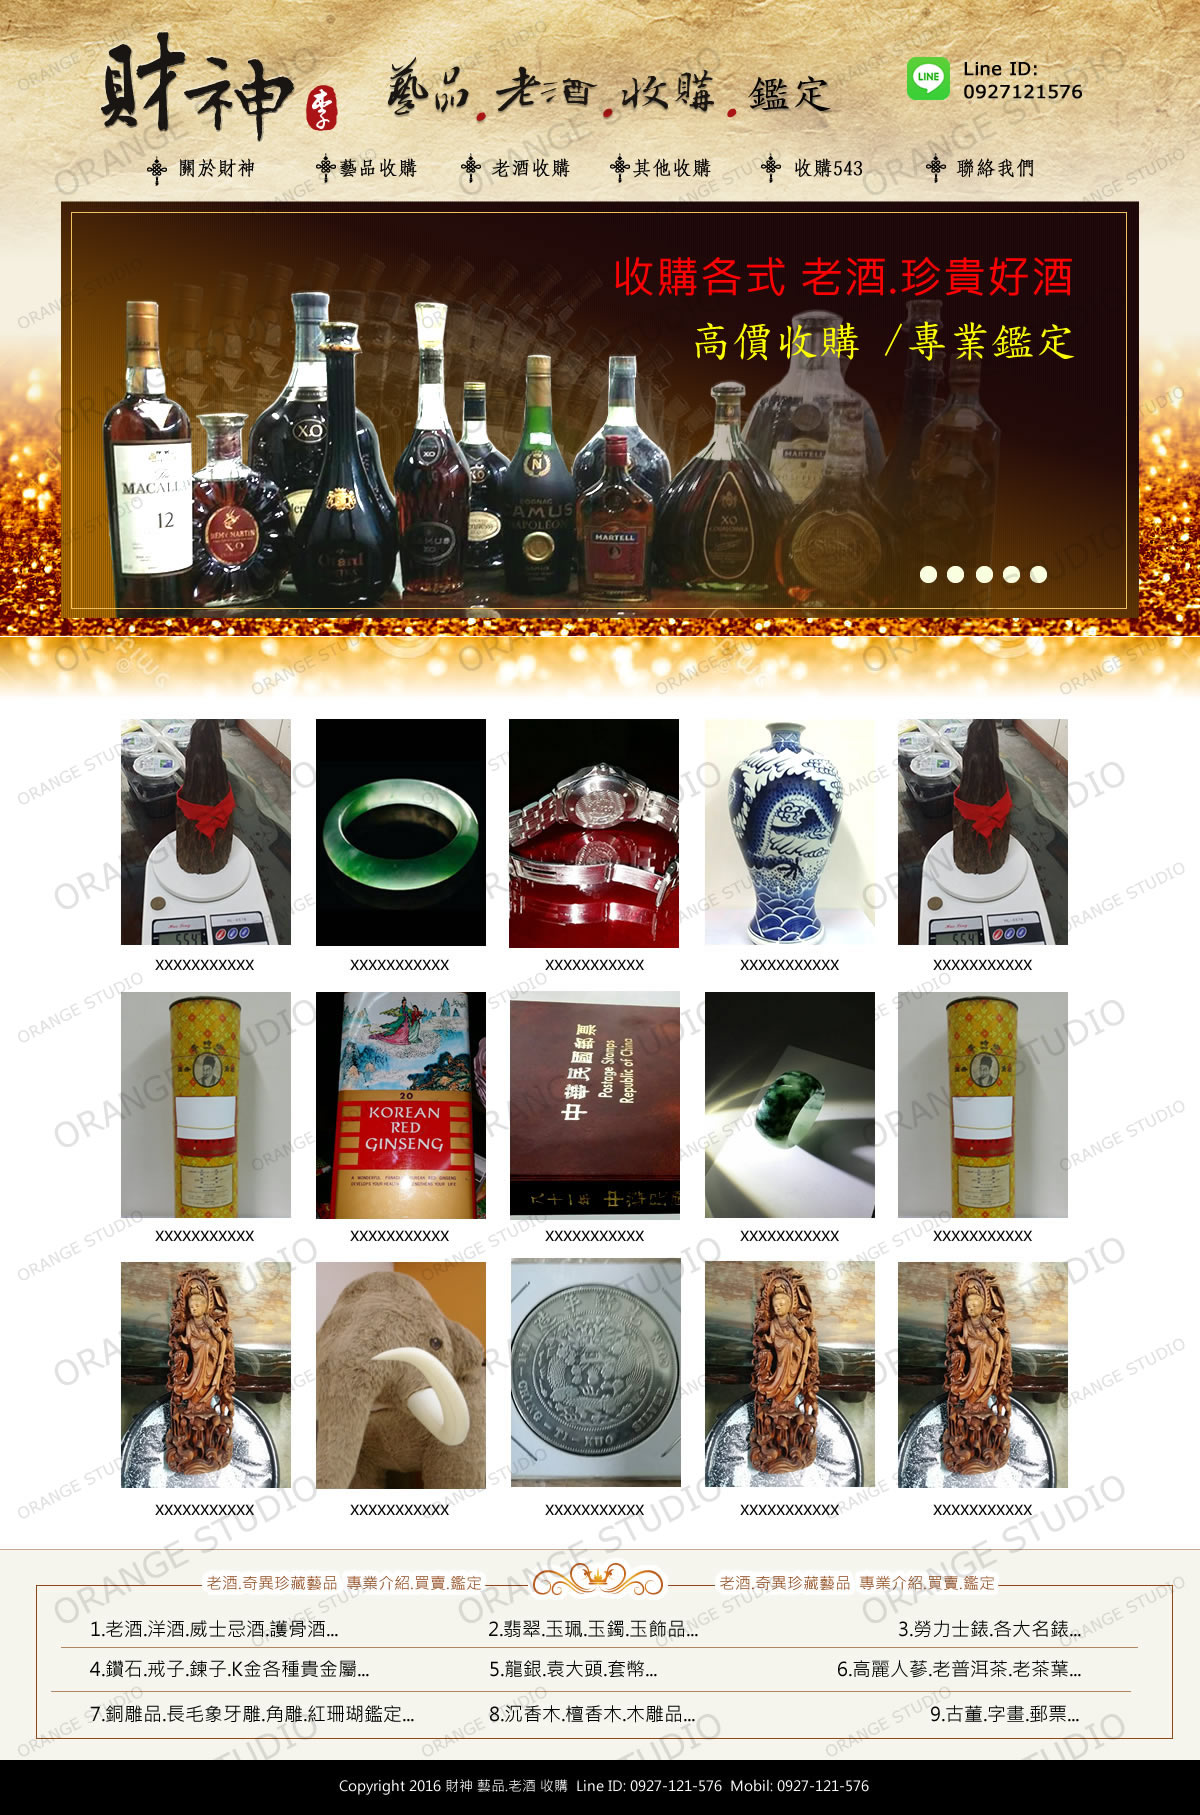 最近網頁設計作品_財神藝品老酒收購 --橘子軟件網頁設計